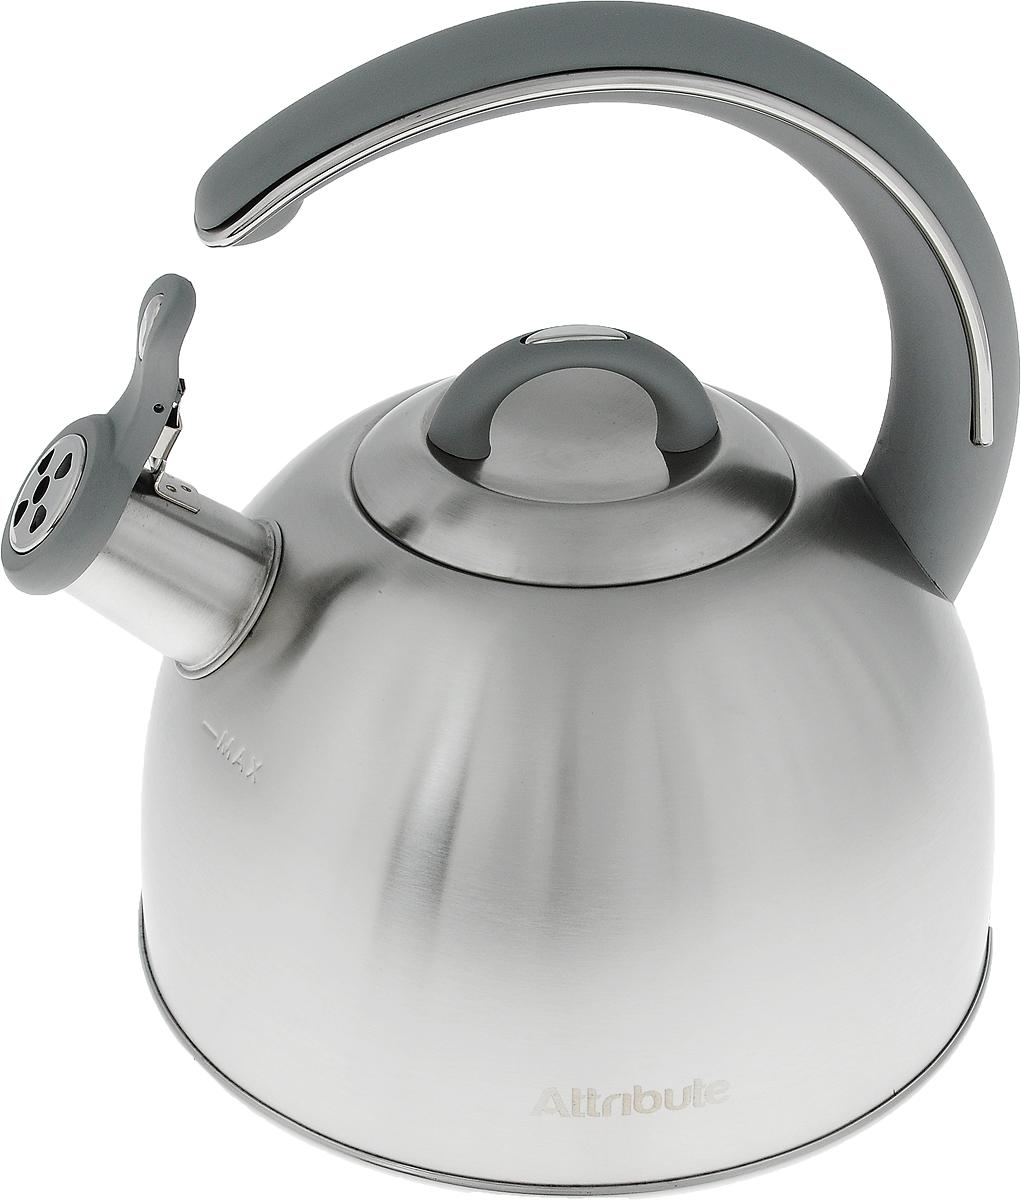 Чайник Attribute, со свистком, 2,8 лASS300Чайник Attribute выполнен из высококачественной нержавеющей стали с сатиновой полировкой, что делаетего весьма гигиеничным и устойчивым к износу при длительном использовании. Носик чайника оснащен насадкой-свистком, что позволит вам контролировать процесс подогрева или кипячения воды. Капсулированное дно способствует высокой теплопроводности и равномерному распределению тепла. Эстетичный и функциональный, с эксклюзивным дизайном, чайник будет оригинально смотретьсяв любом интерьере.Подходит для всех типов плит, включая индукционные. Можно мыть в посудомоечной машине. Высота чайника (без учета ручки и крышки): 13 см.Высота чайника (с учетом ручки): 24,5 см.Диаметр чайника (по верхнему краю): 10 см.